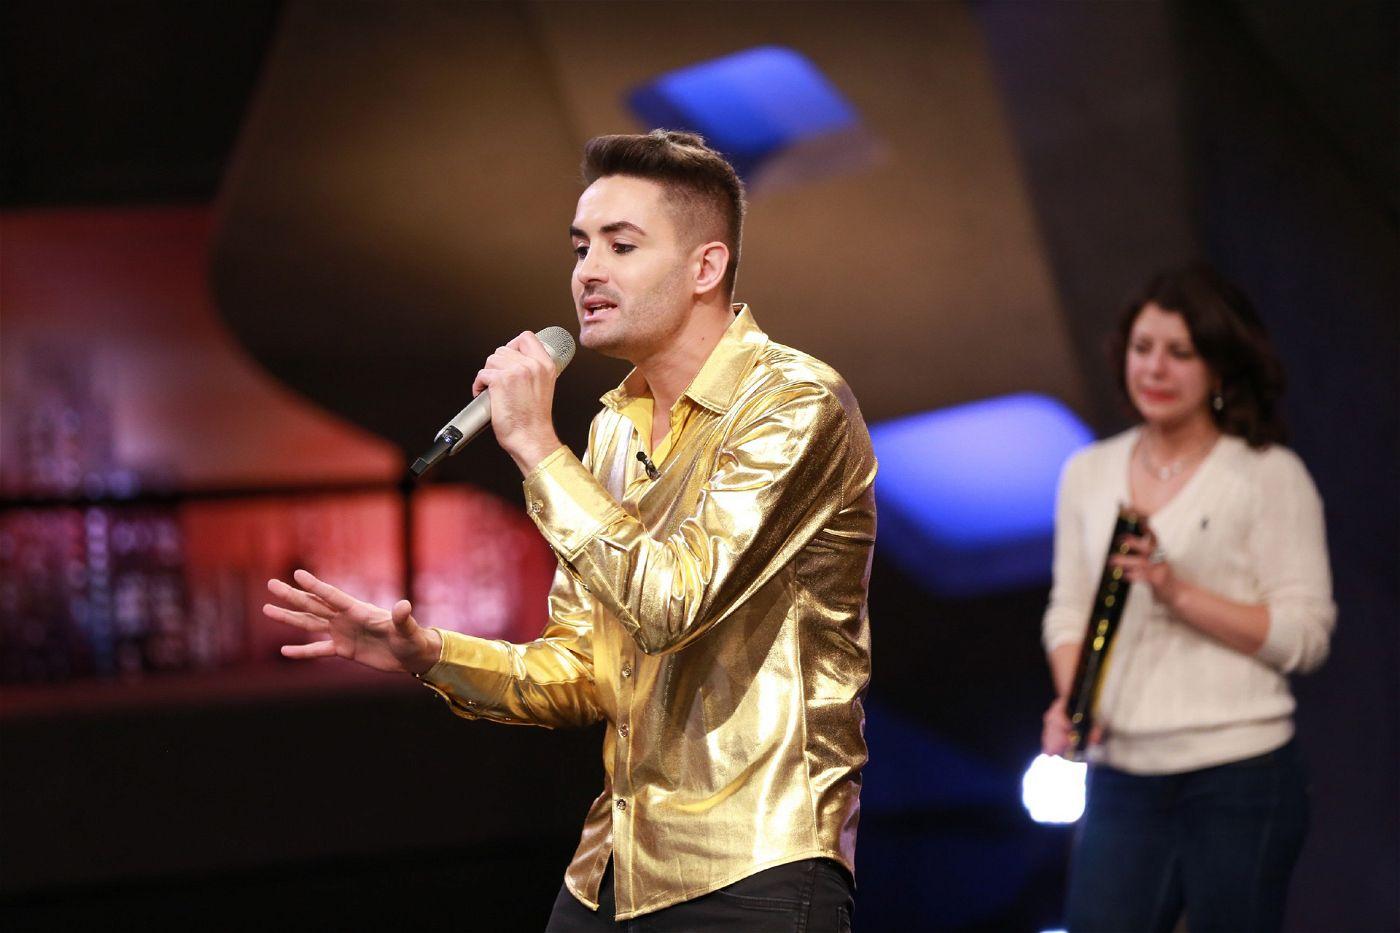 """Keine DSDS-Staffel ohne Menderes Bagci. Seit der Premiere der Castingshow möchte er als Sänger Karriere machen. <p>Alle Infos zu """"Deutschland sucht den Superstar"""" im Special bei <a href=""""http://www.rtl.de/cms/sendungen/superstar.html"""" target=""""_blank"""" rel=""""nofollow"""">RTL.de</a>.</p>"""